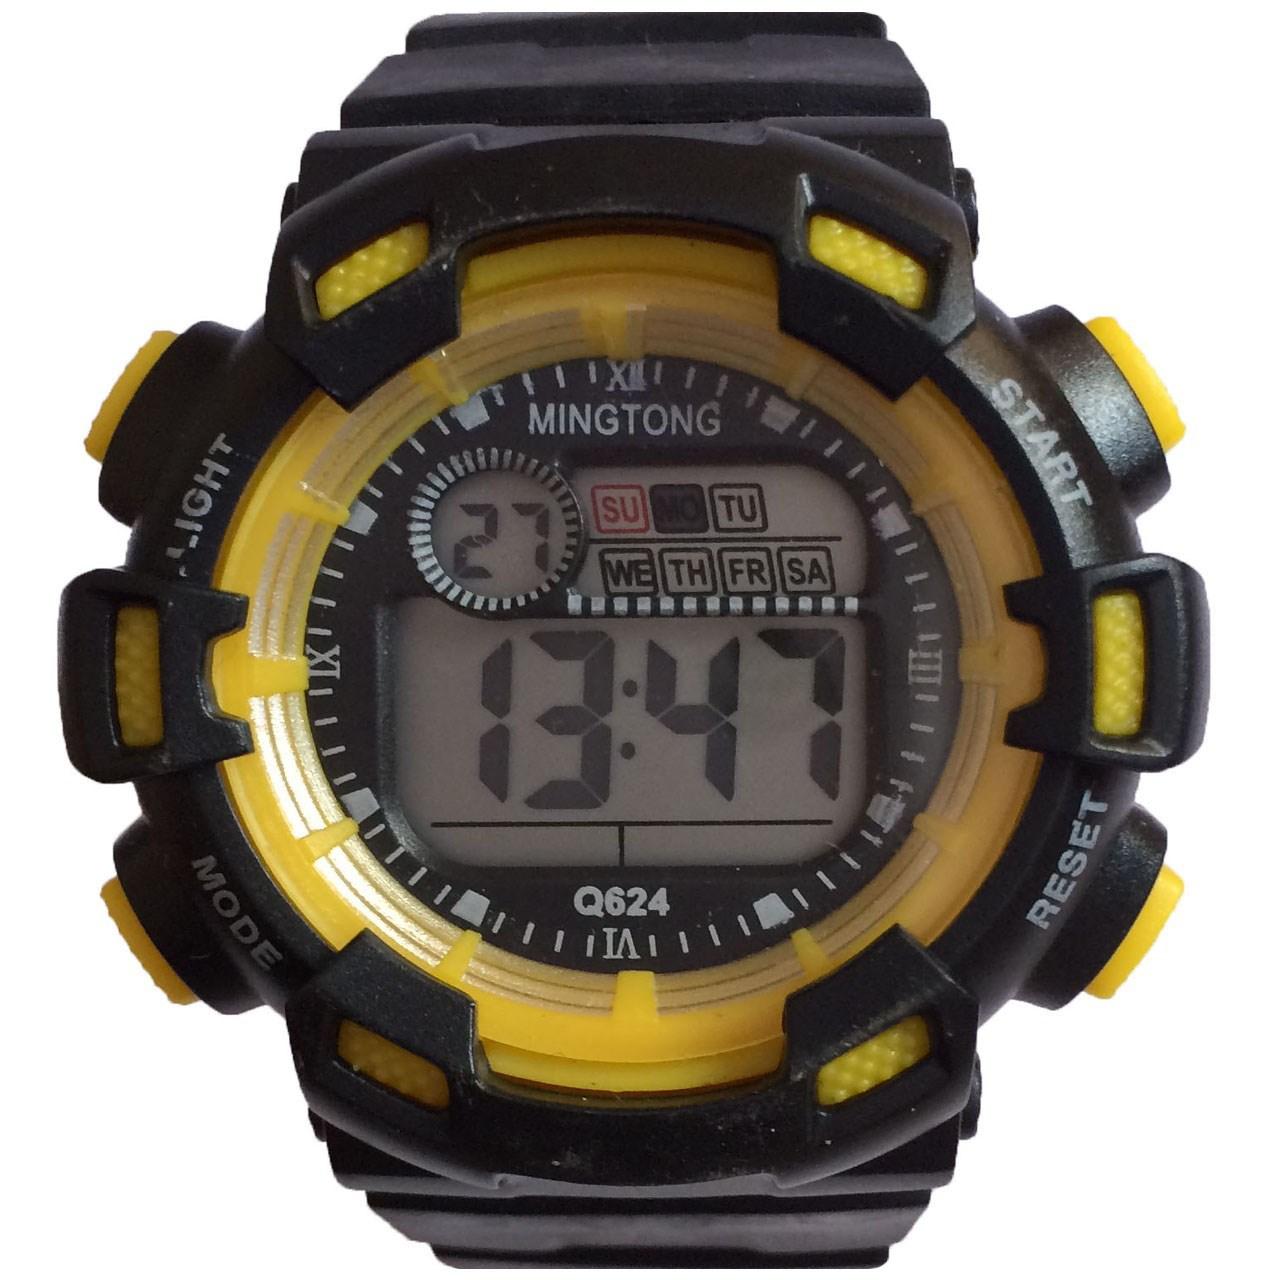 ساعت مچی دیجیتالی مینگ تانگ کد 06             قیمت